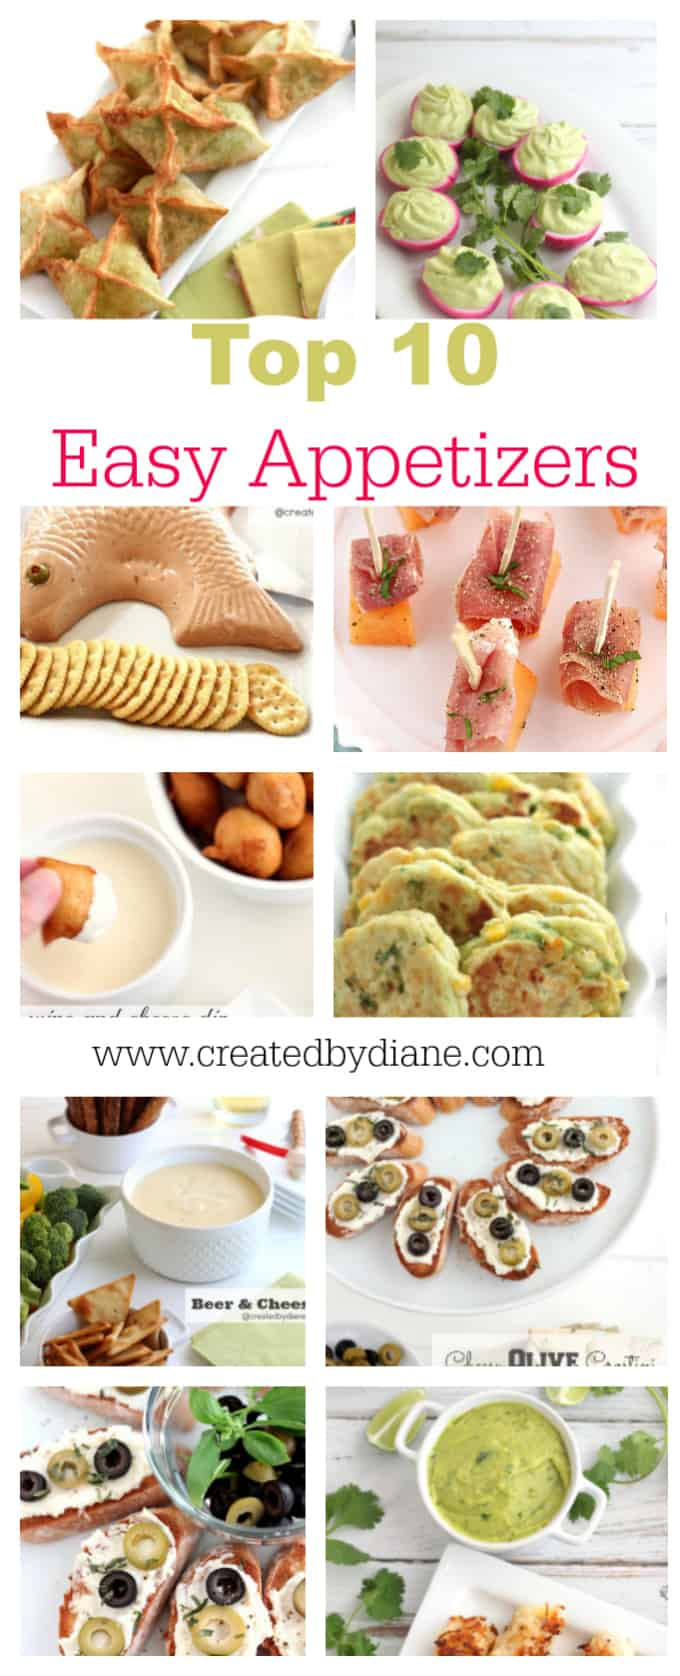 top 10 easy appetizers www.createdbydiane.com